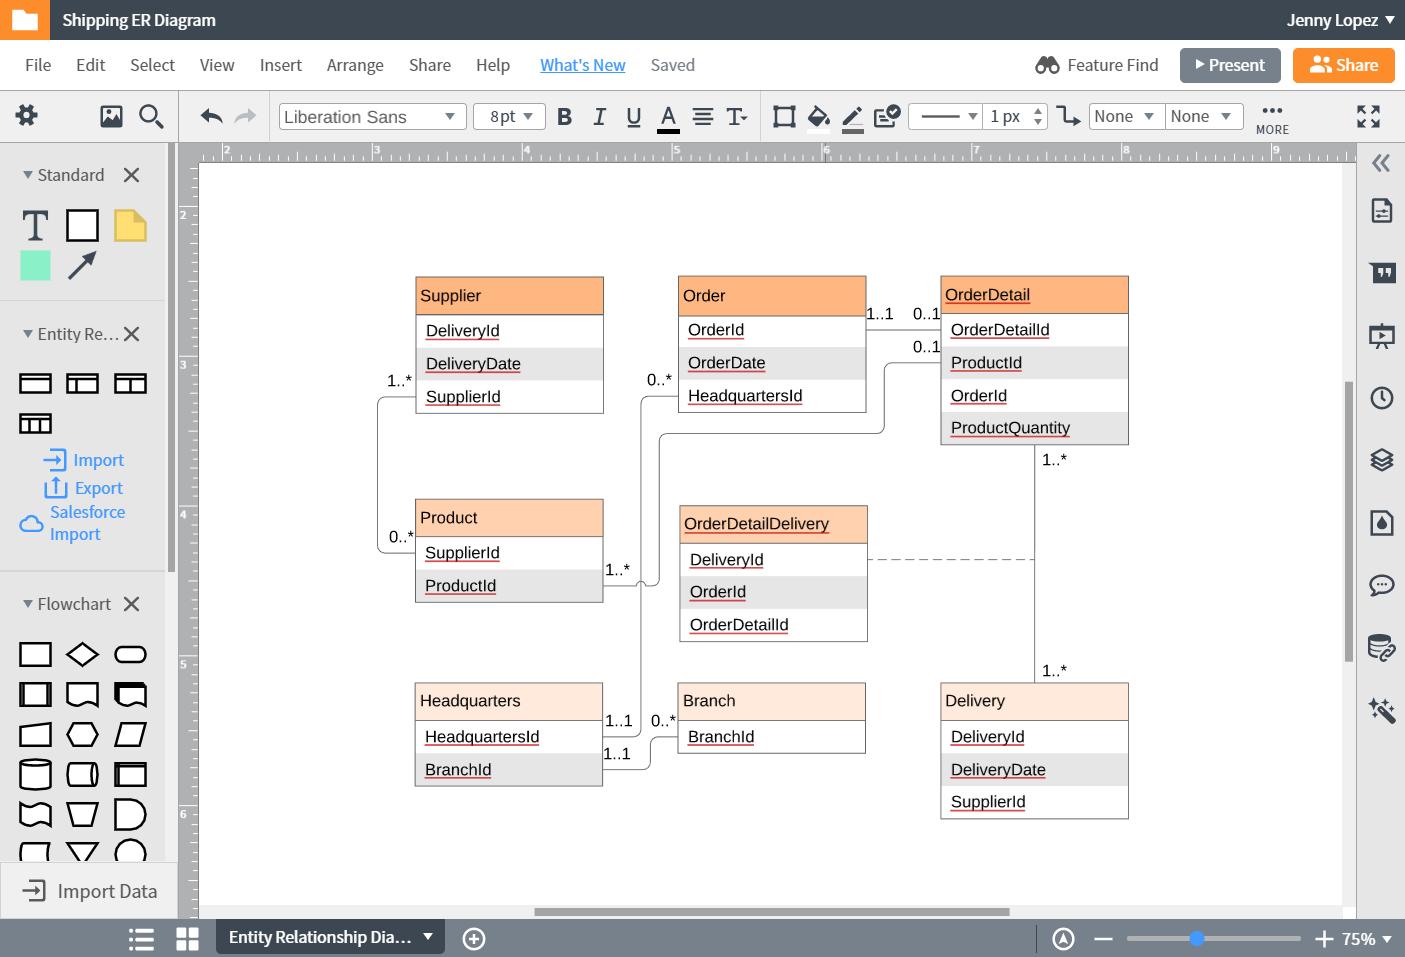 Er Diagram (Erd) Tool | Lucidchart regarding Create Er Diagram Online